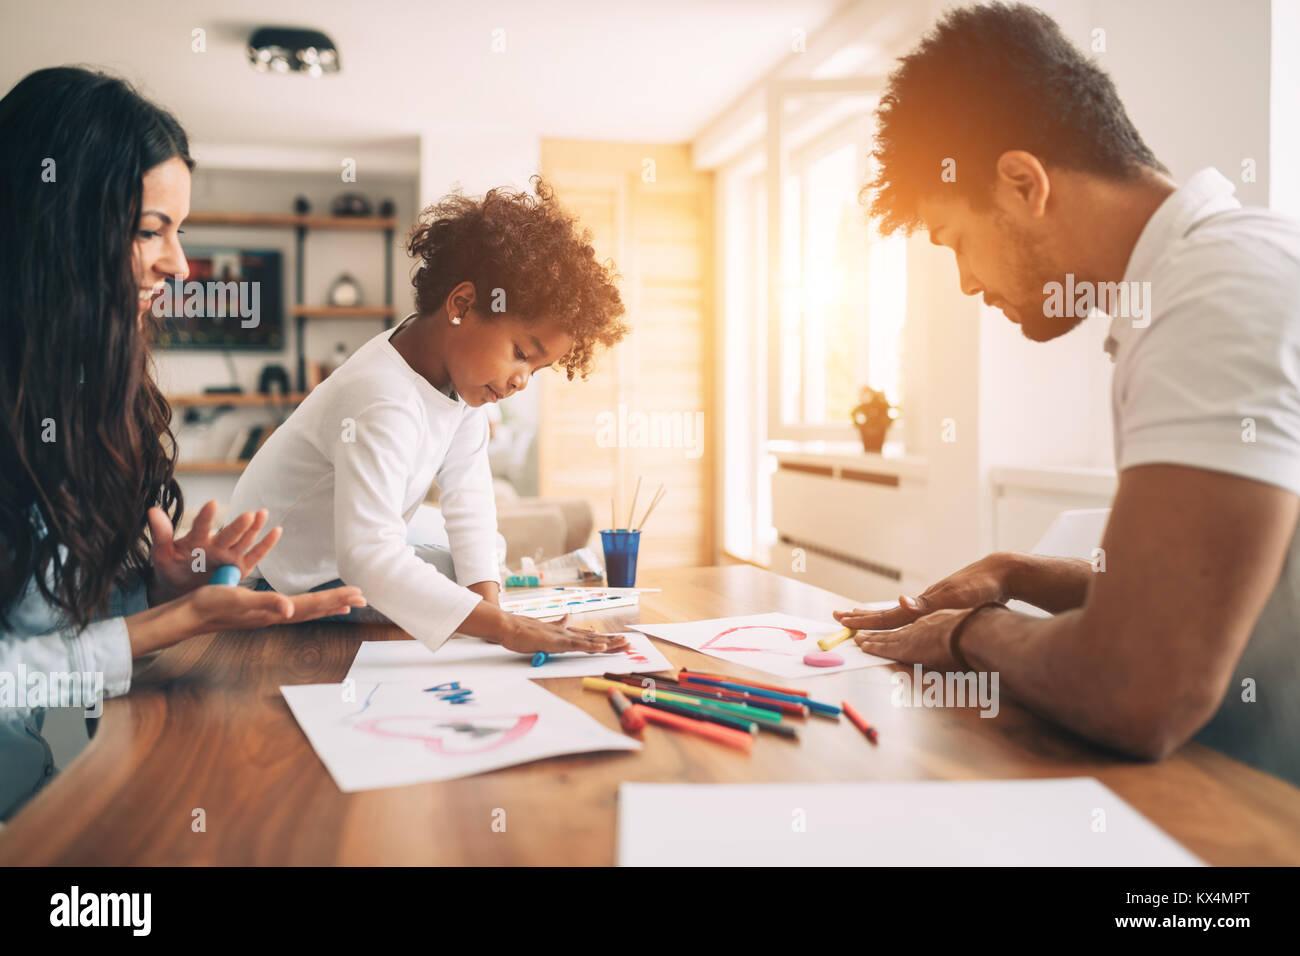 Heureux jeune famille, se détendre et s'amuser à la maison Banque D'Images